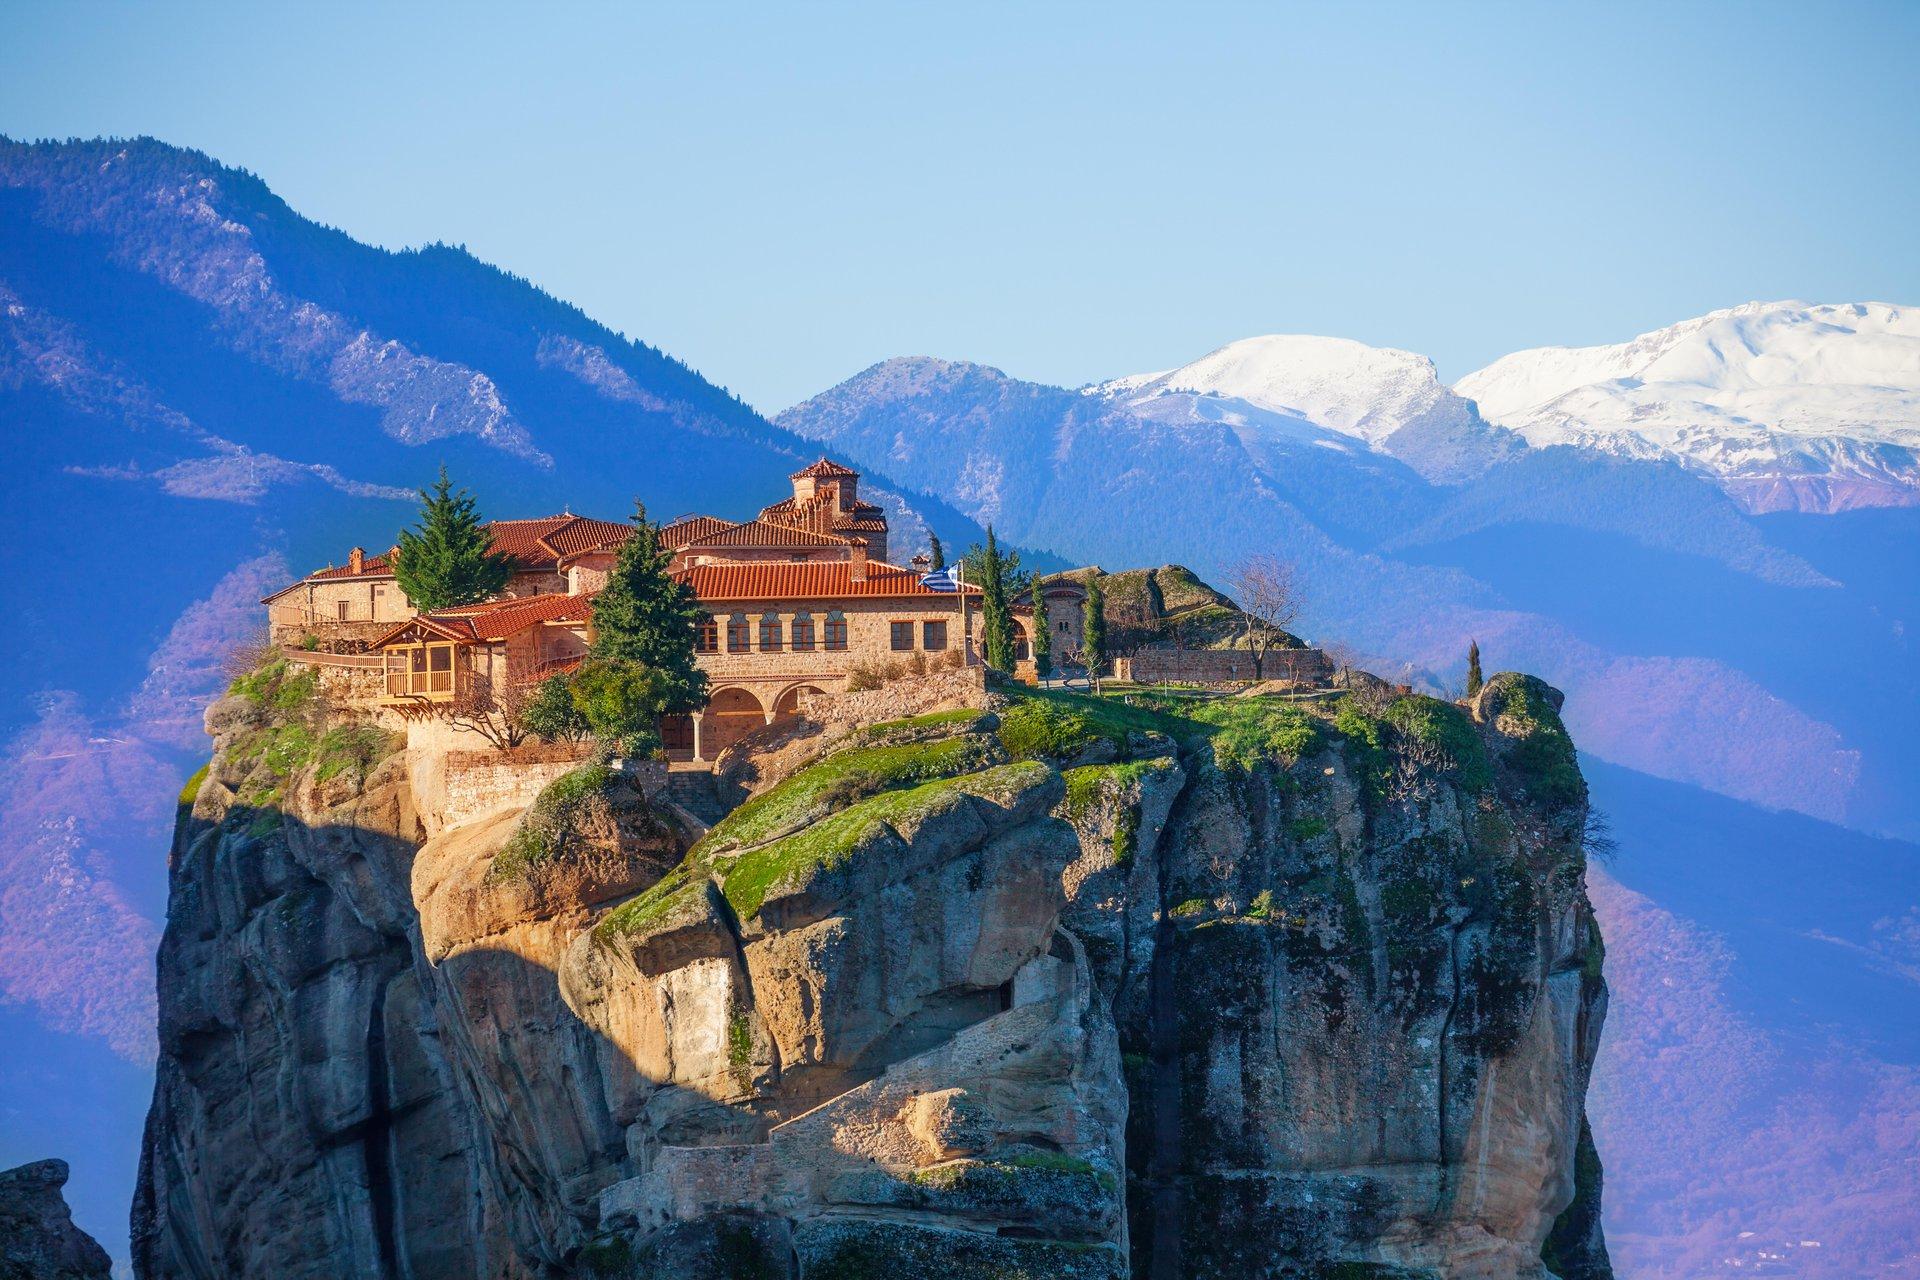 Een bijzonder klooster boven op een rotsblok